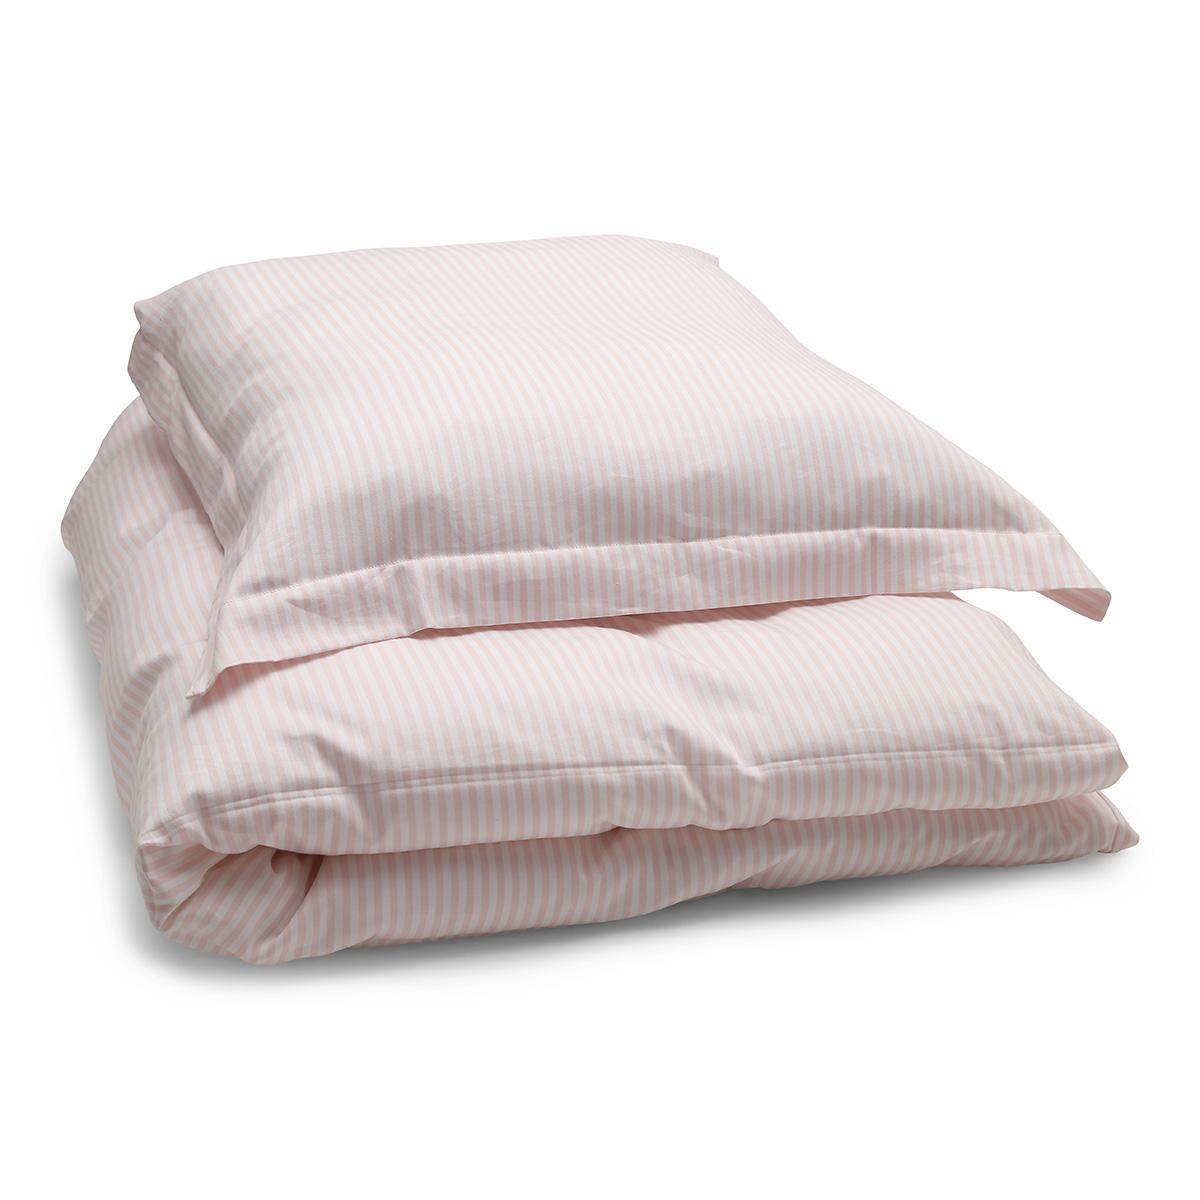 Image of   Änglamark sengetøj - Lyserøde og hvide striber